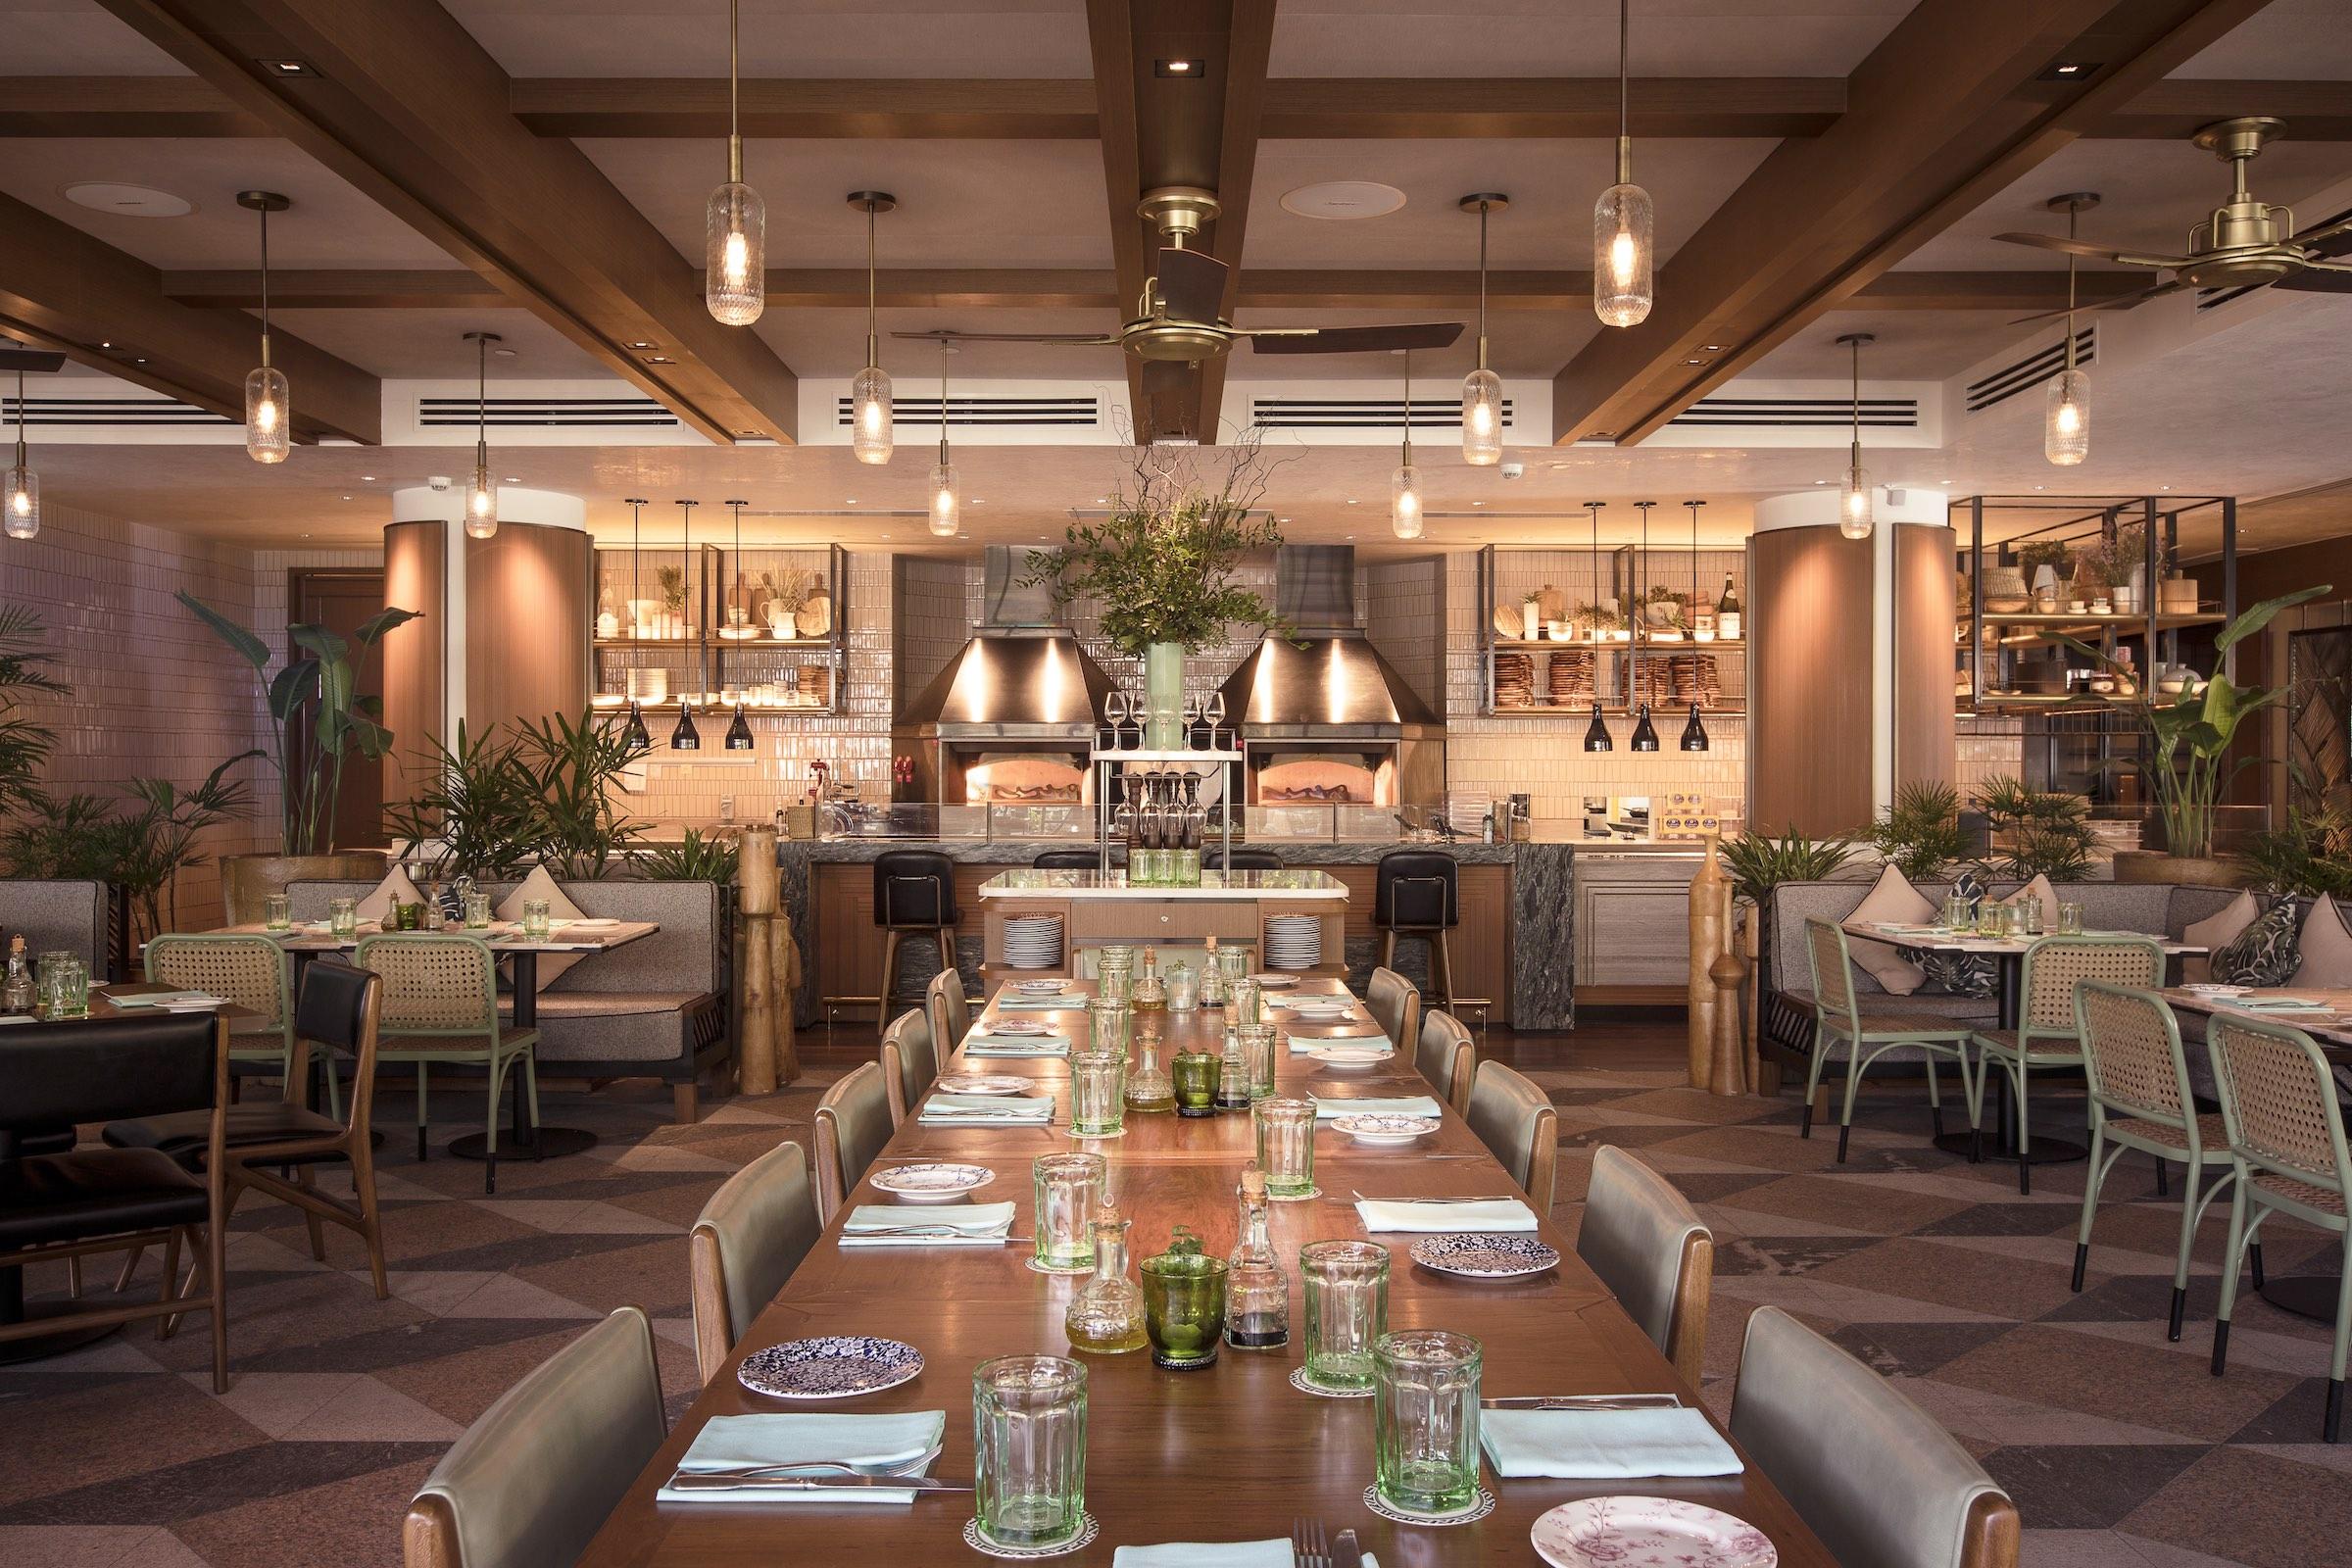 Publico Ristorante Bar Riverfront Italian Dining In Singapore - Restaurant-interior-design-at-wt-hotel-italy